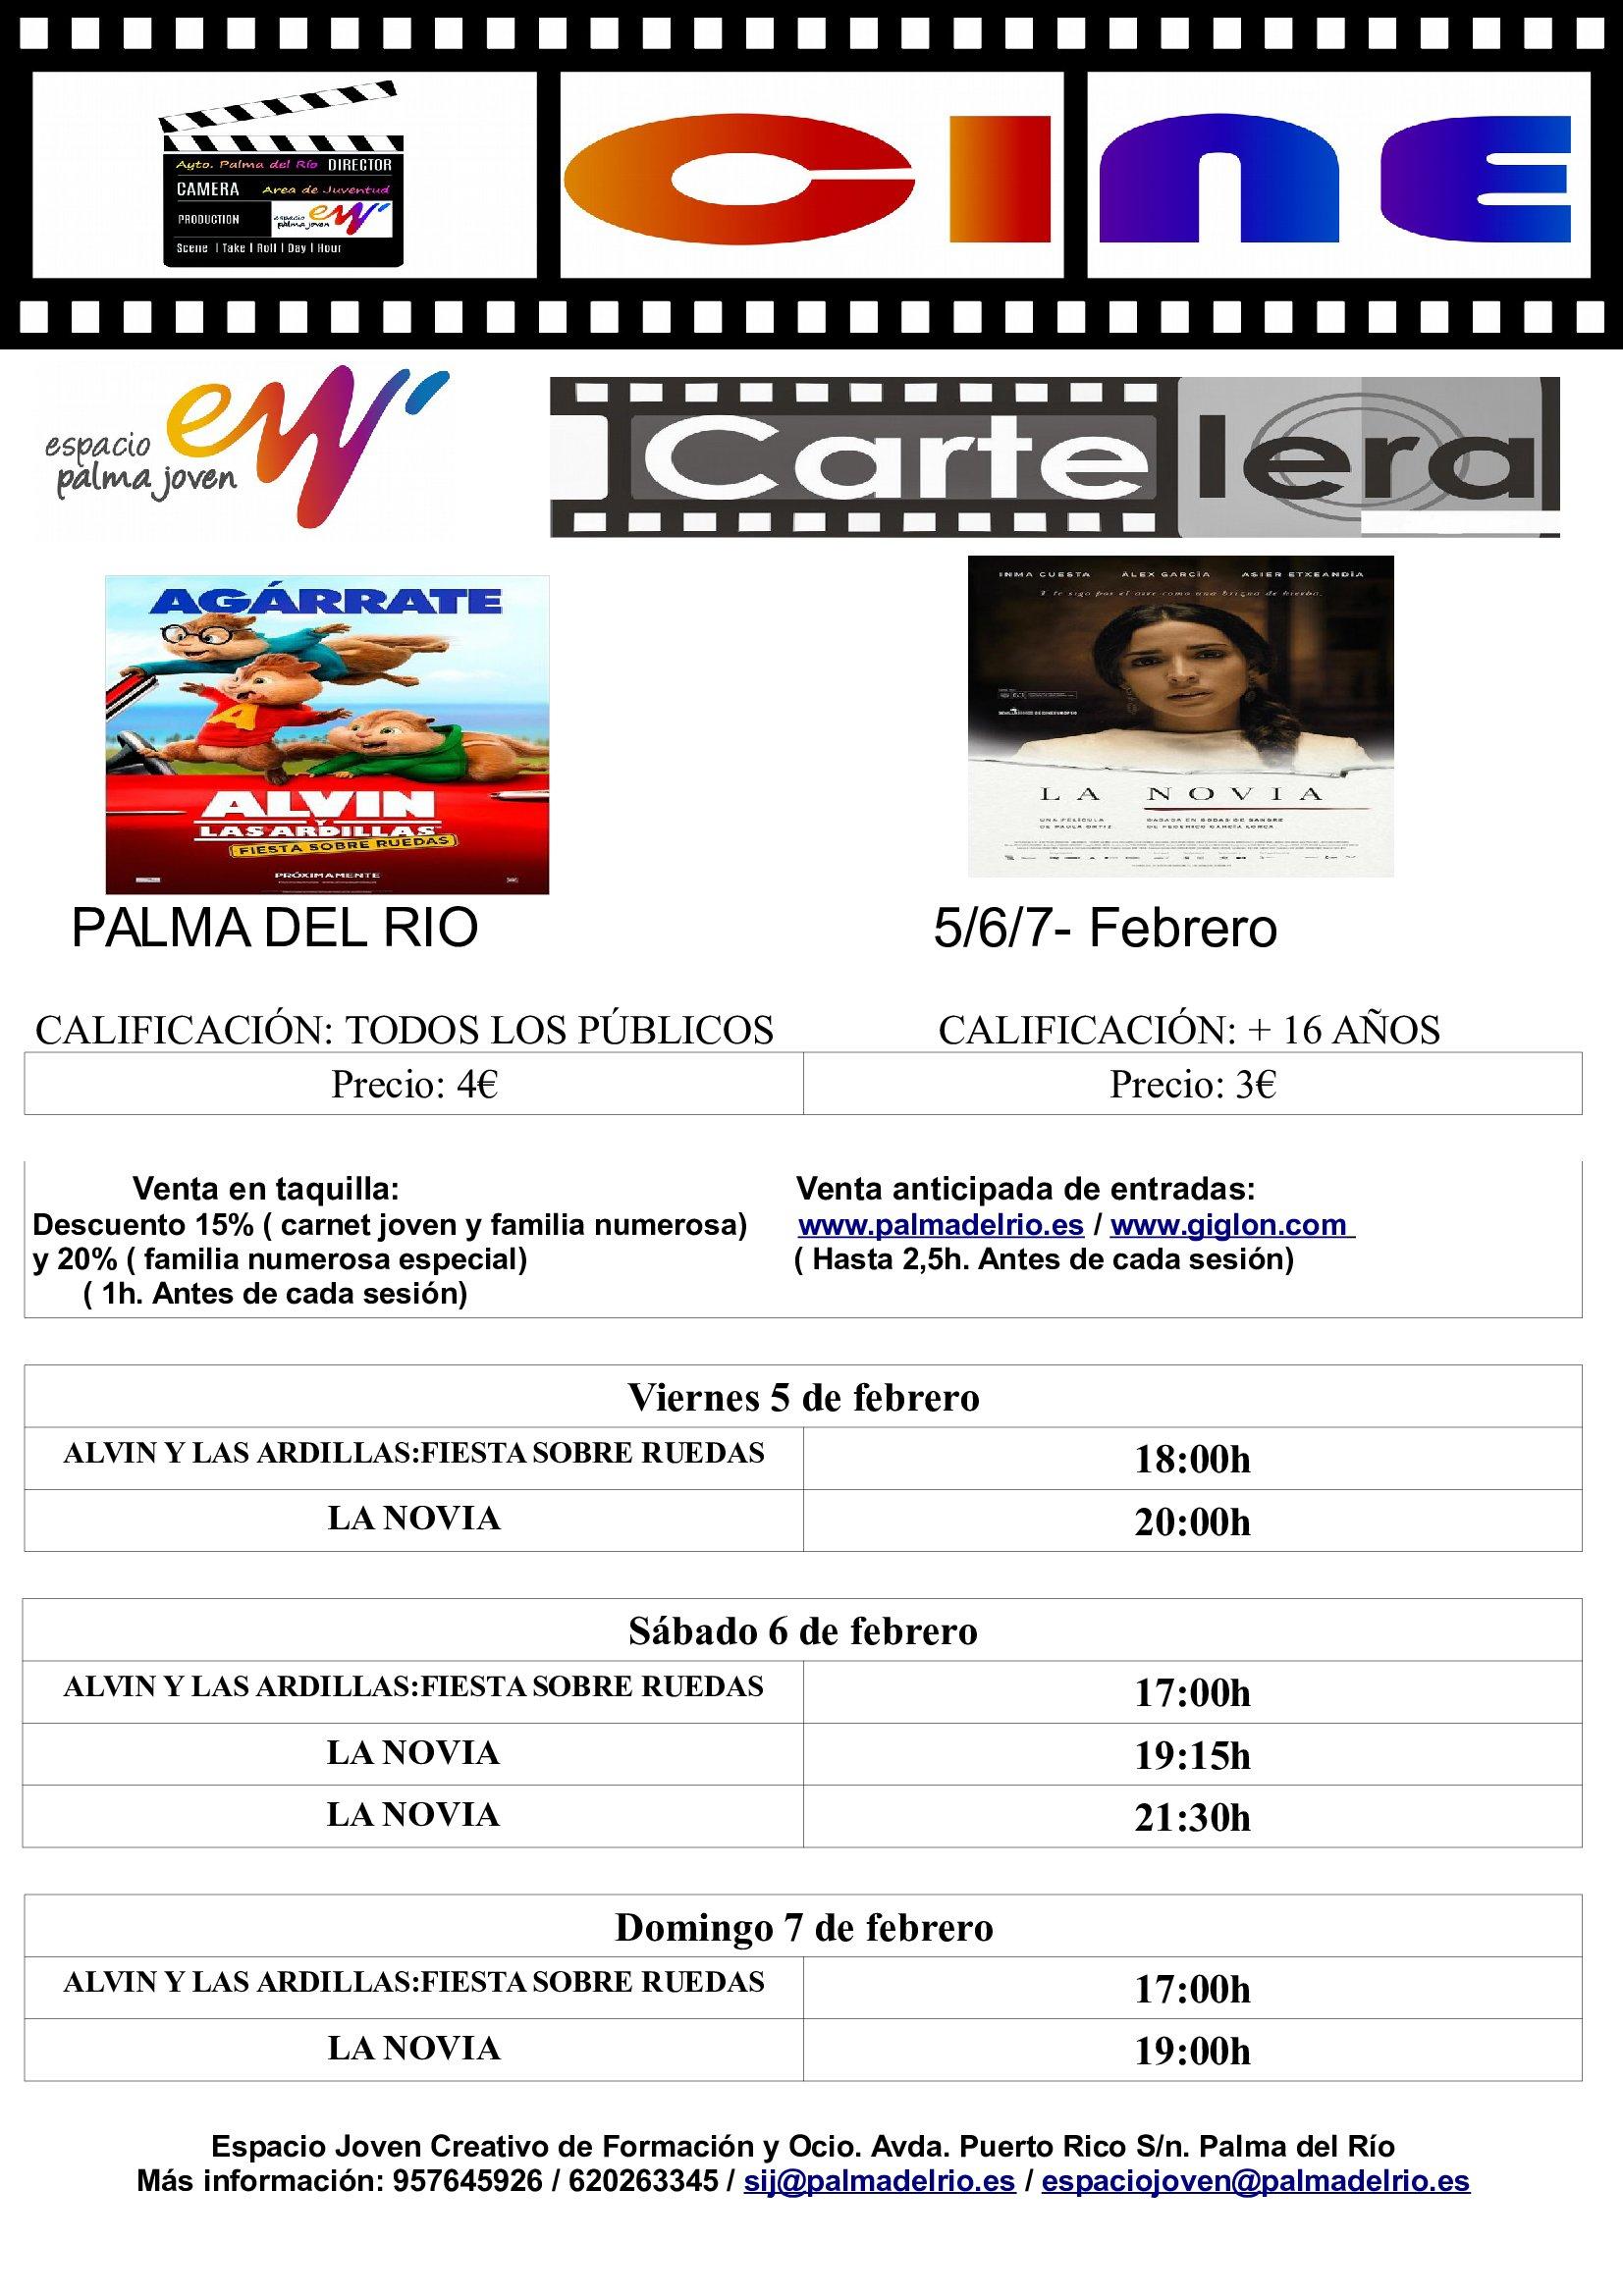 https://www.palmadelrio.es/sites/default/files/copia_de_copia_de_cine_5_6_y_7_febrero.jpg